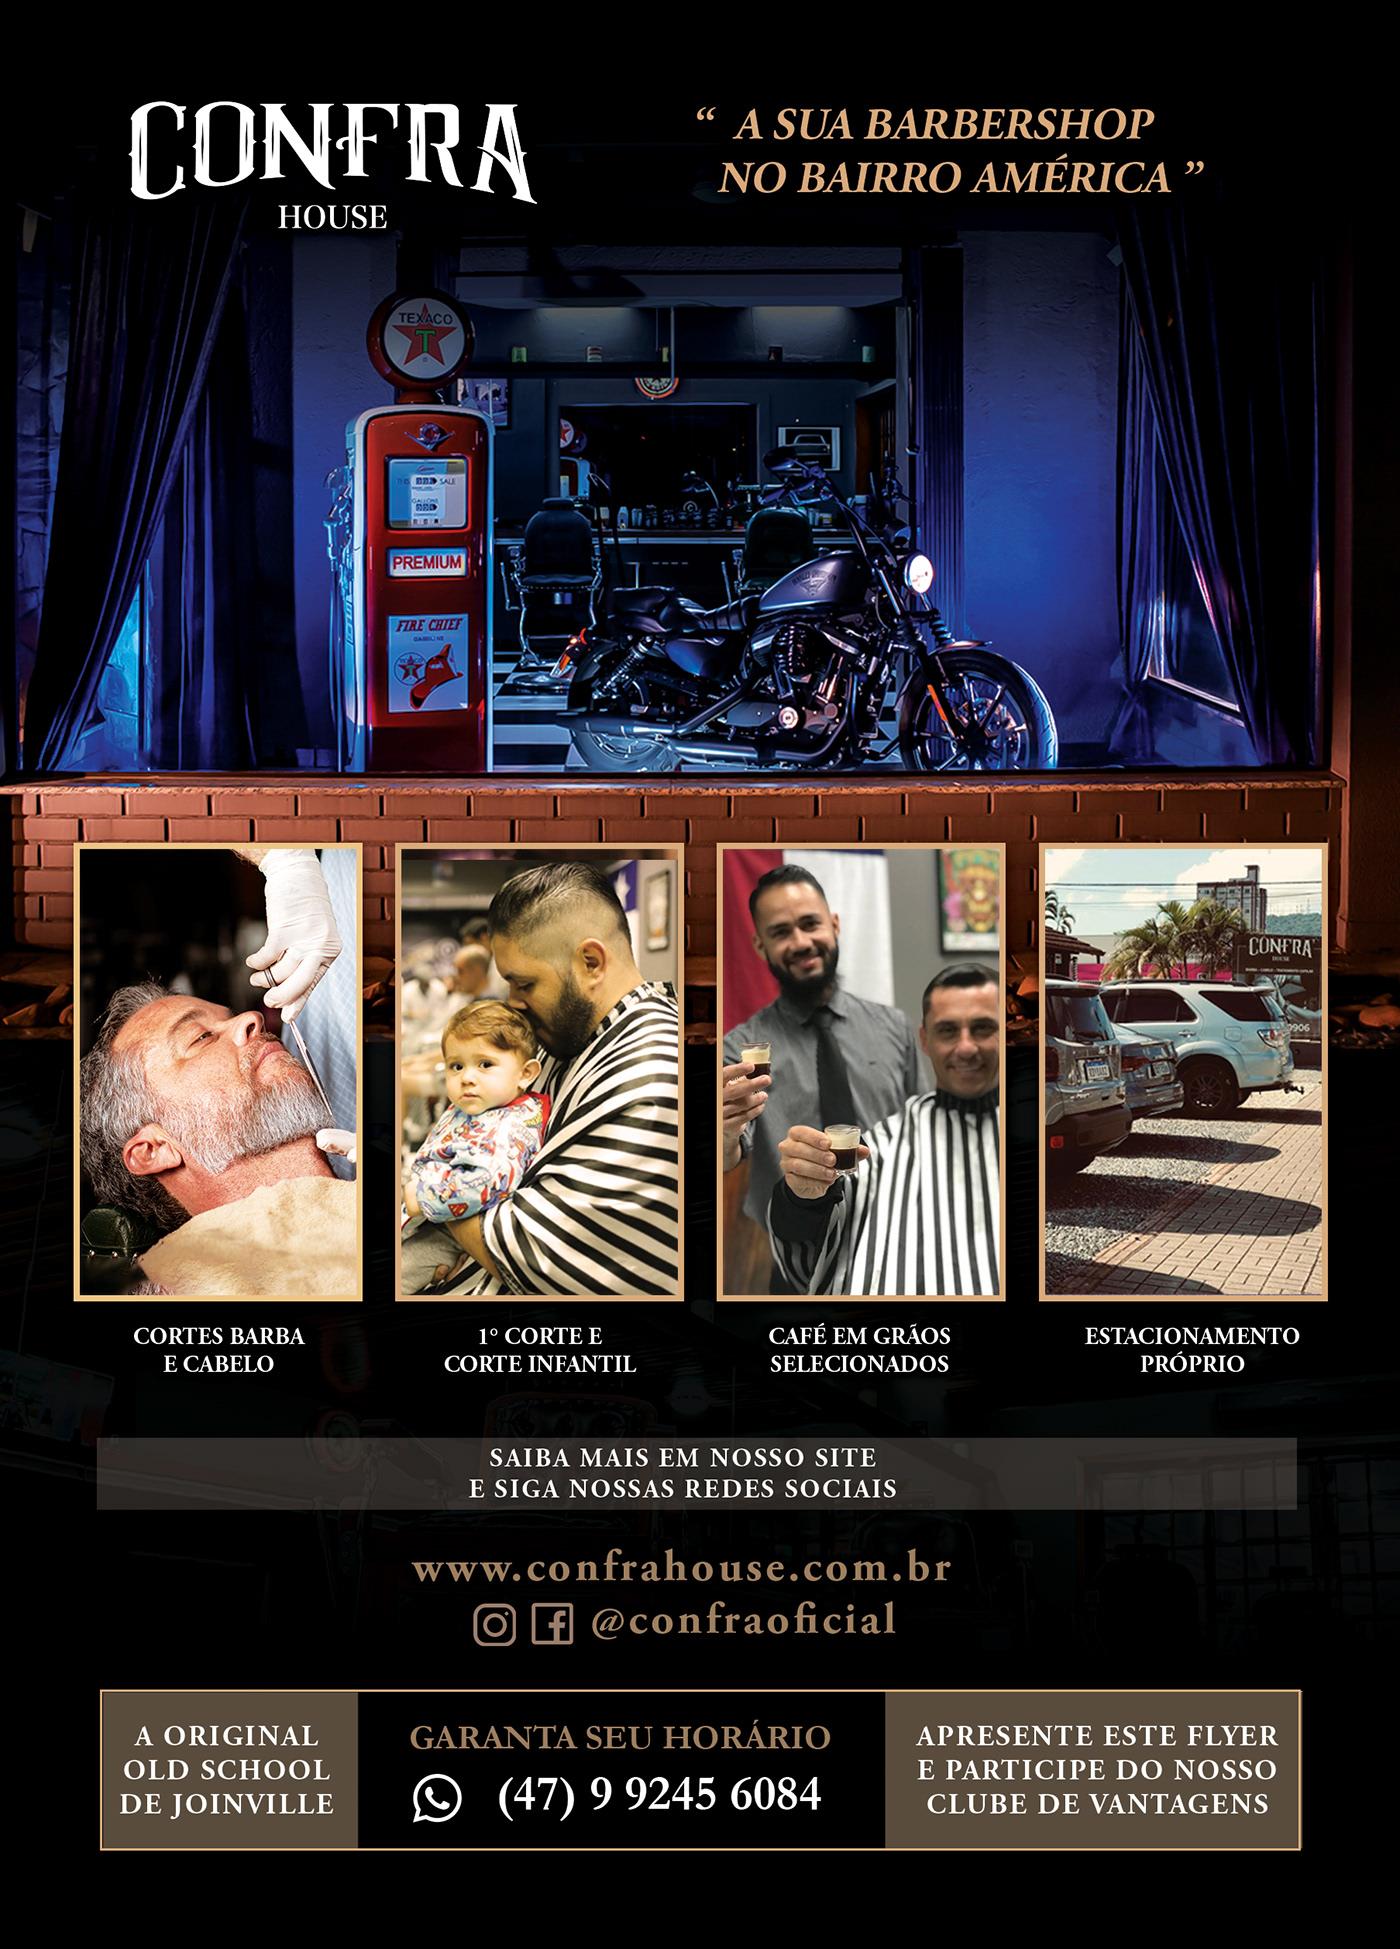 barbearia barber CONFRA flyer panfleto